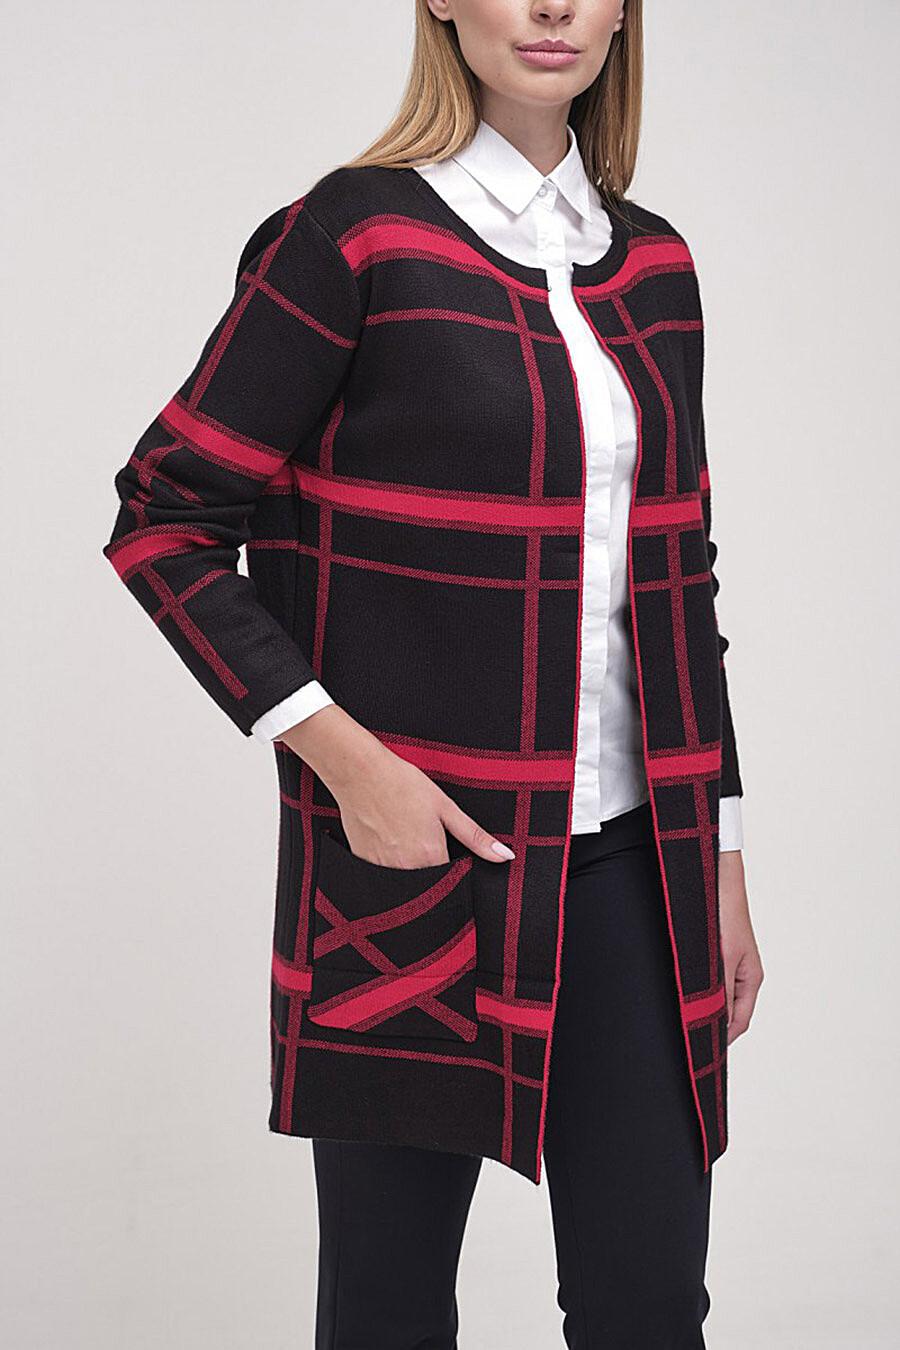 Кардиган MARIMAY (238532), купить в Moyo.moda